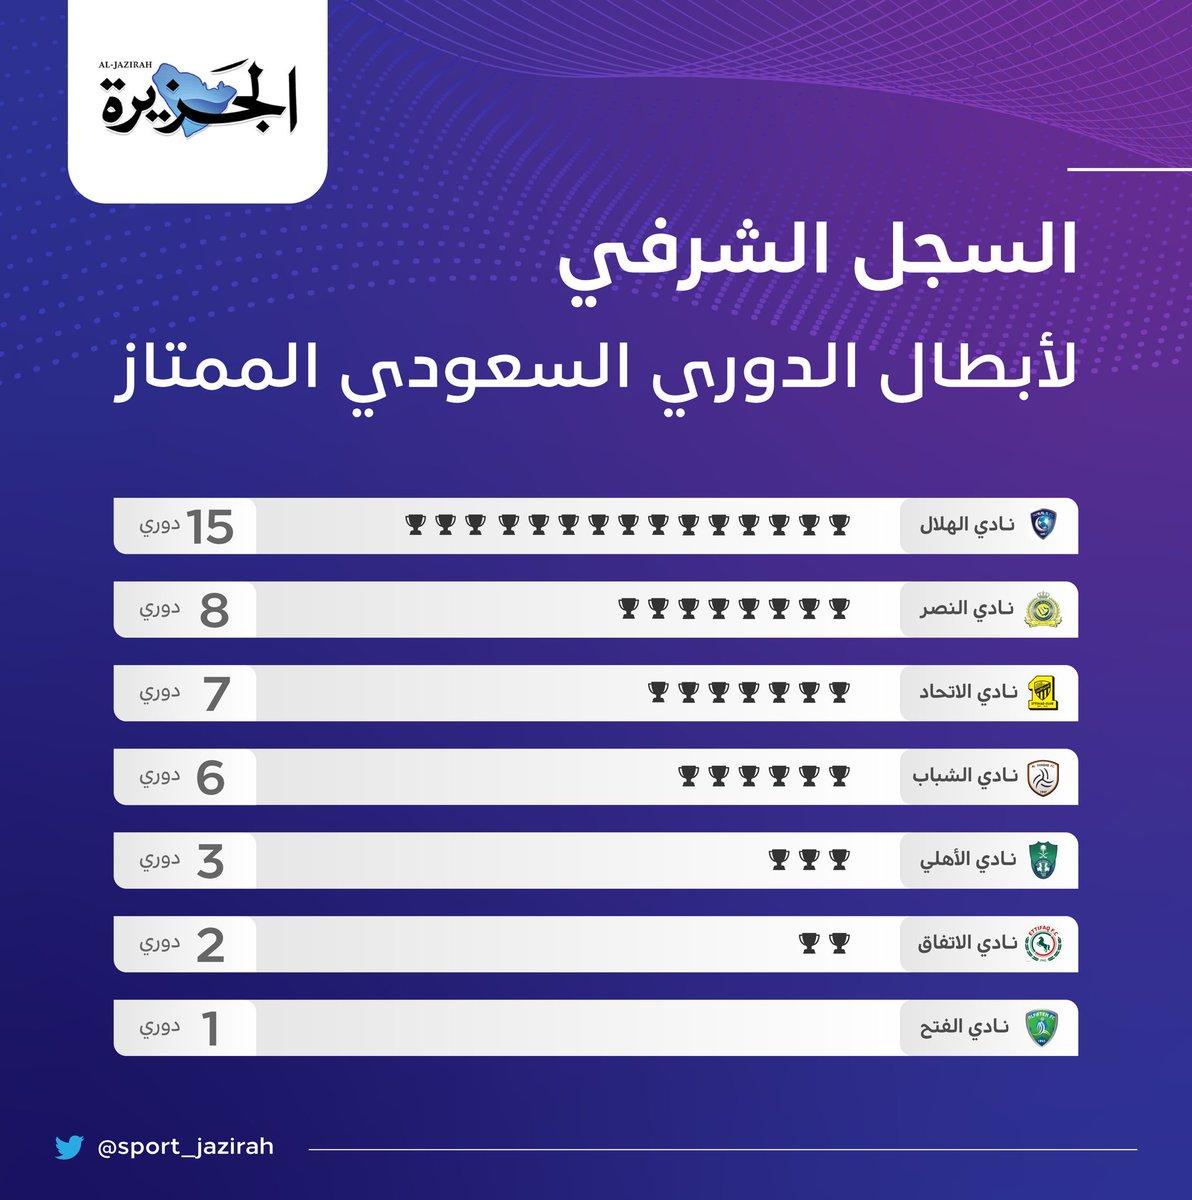 رياضة الجزيرة No Twitter النصر ينفرد بوصافة ترتيب أبطال الدوري السعودي برصيد 8 بطولات خلف الهلال الذي توج باللقب 15 مرة Adaladwani